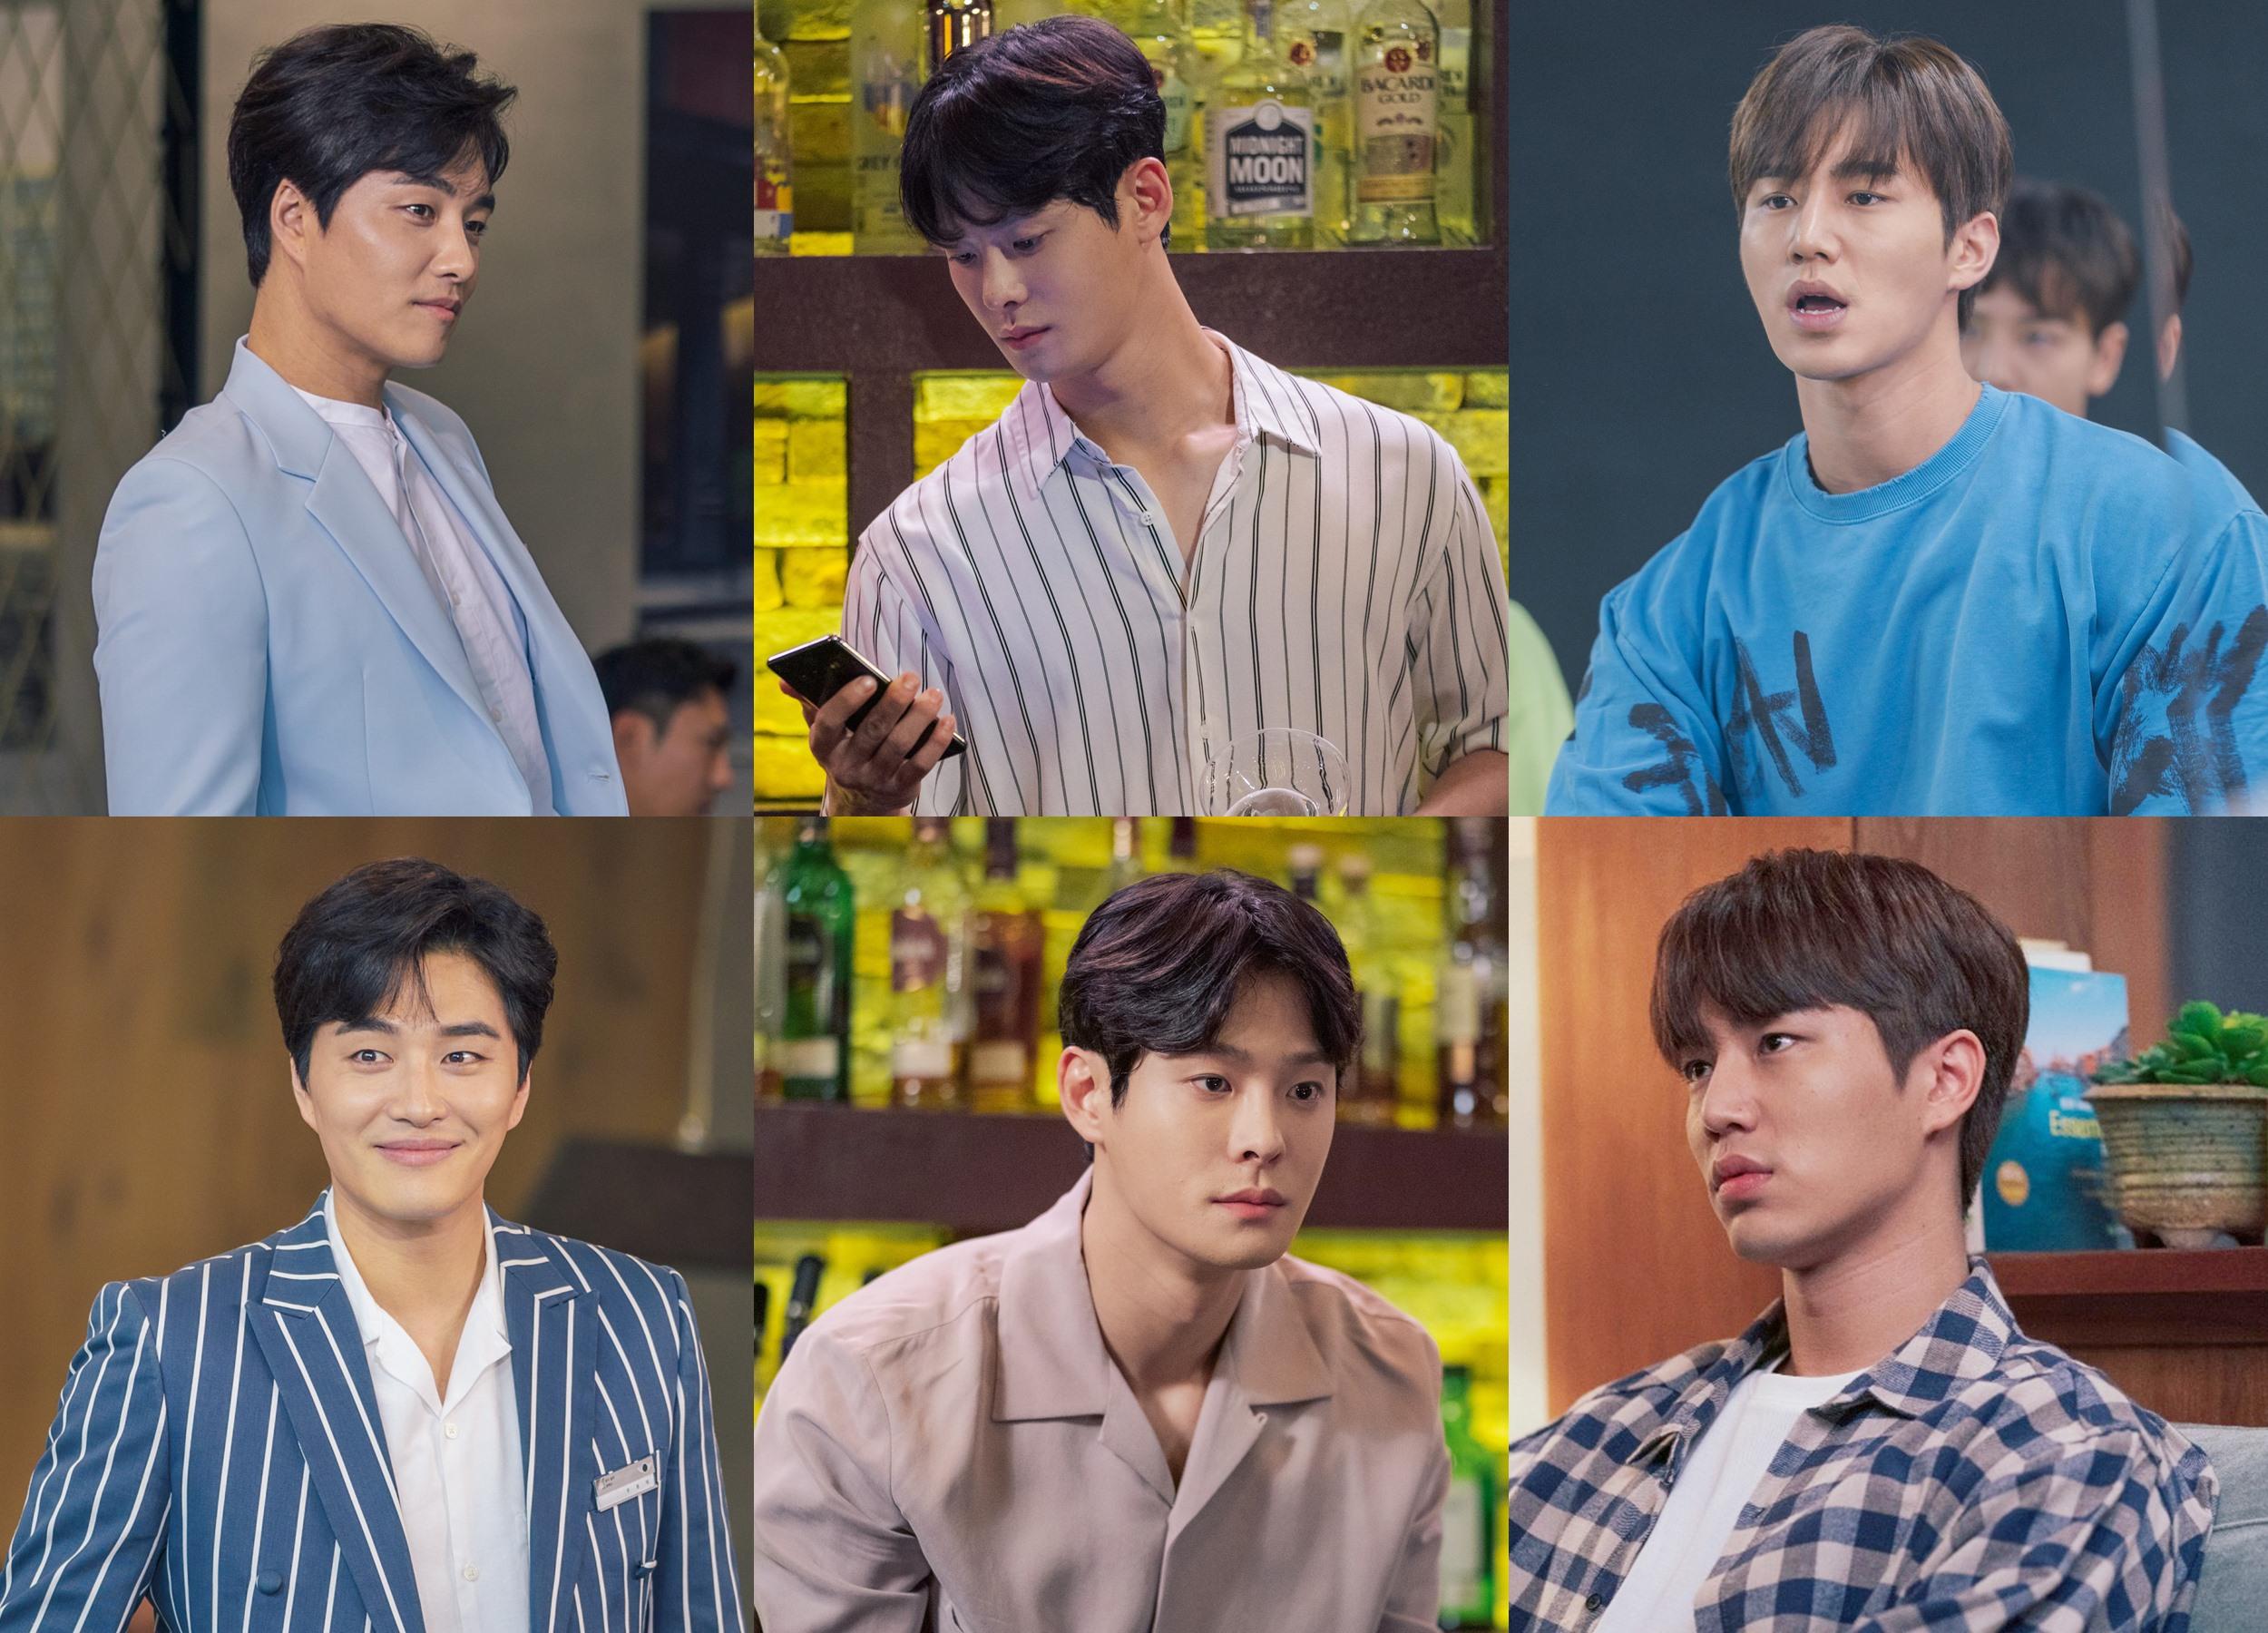 '하자있는 인간들' 민우혁-차인하-김재용, '주氏 집안' 3형제의 다채로운 매력♥